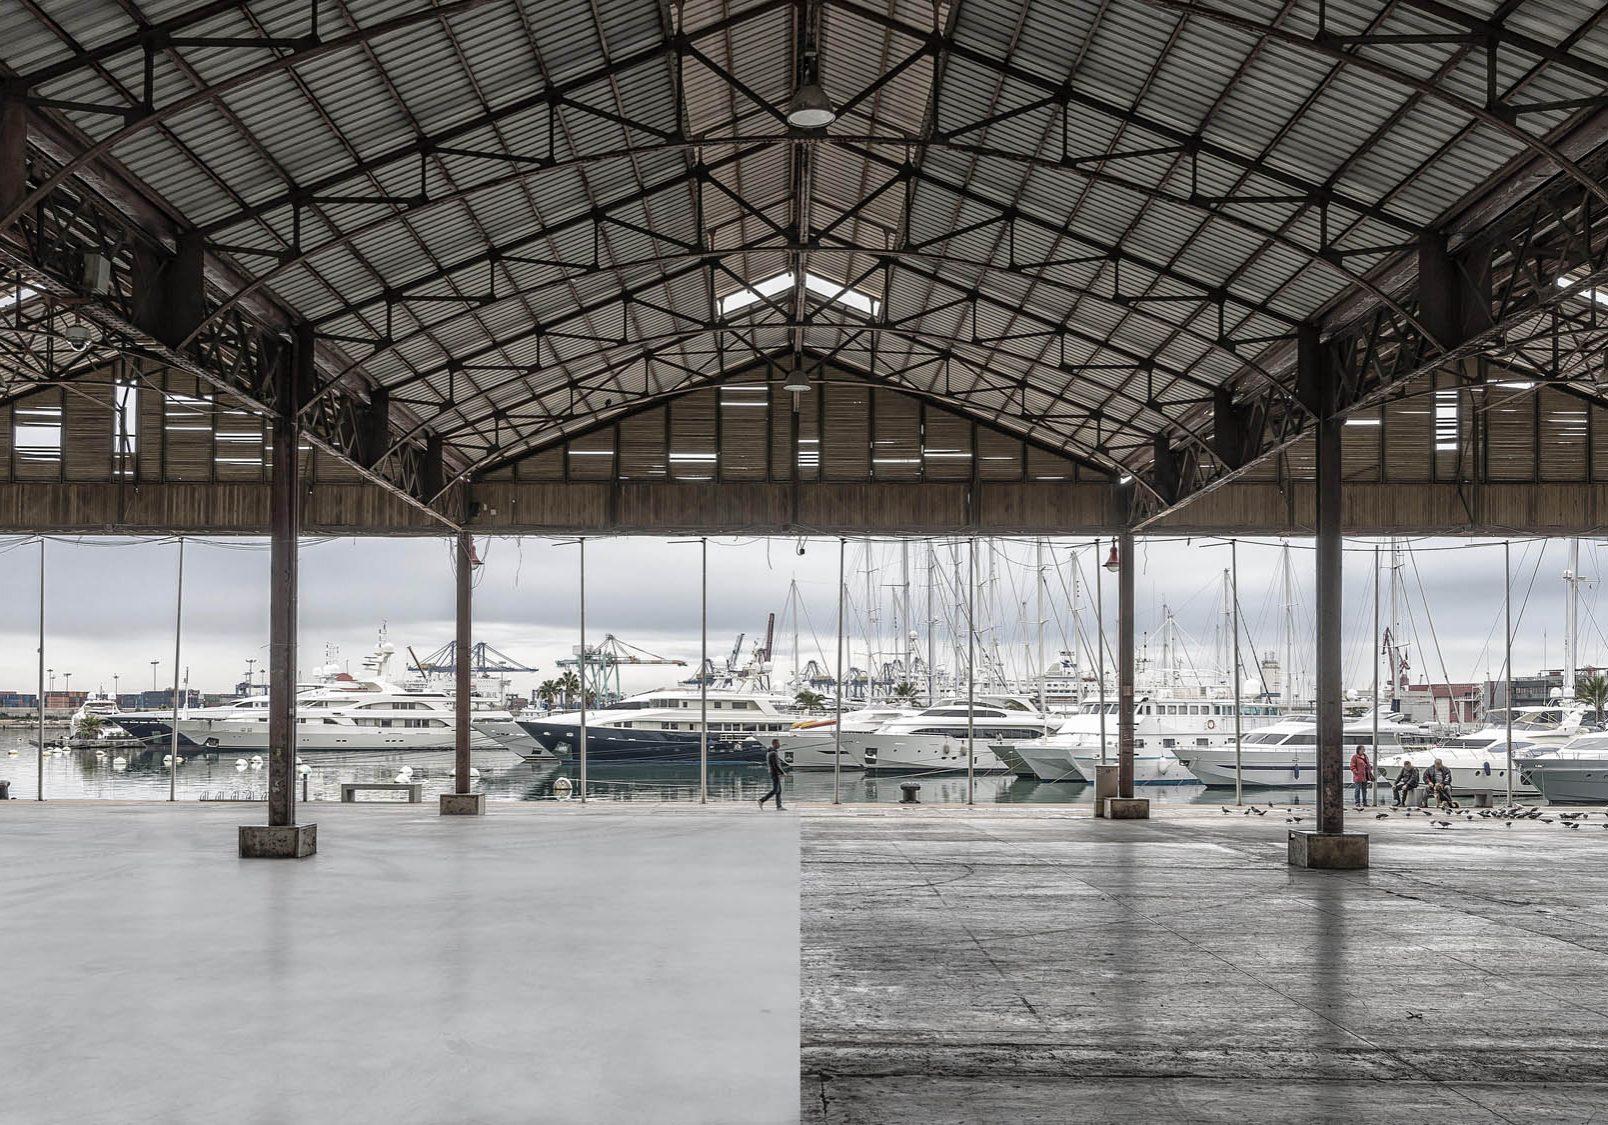 ipm-divisione-marine_cantieri